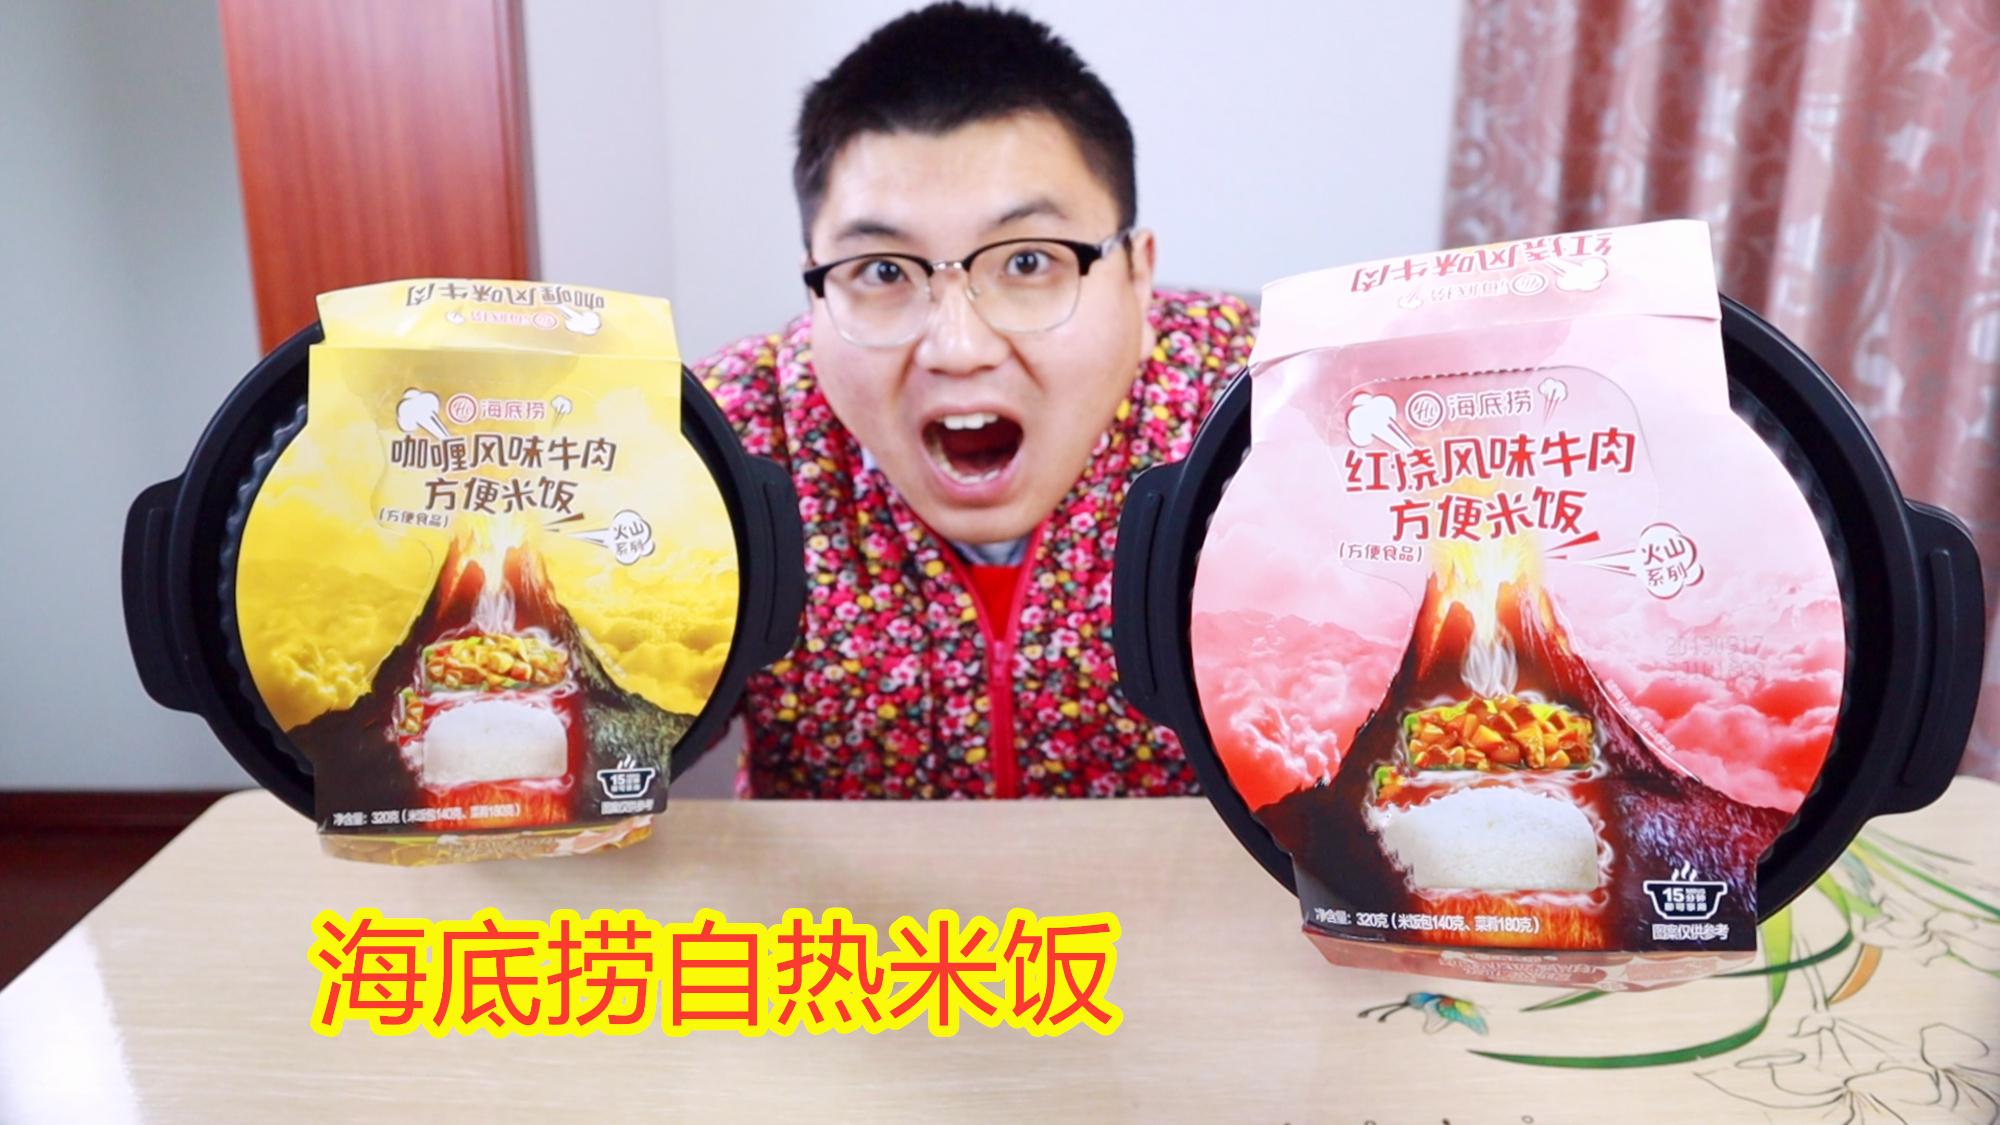 海底捞除了火锅还有自热米饭,味道怎么样?给大家评测一下